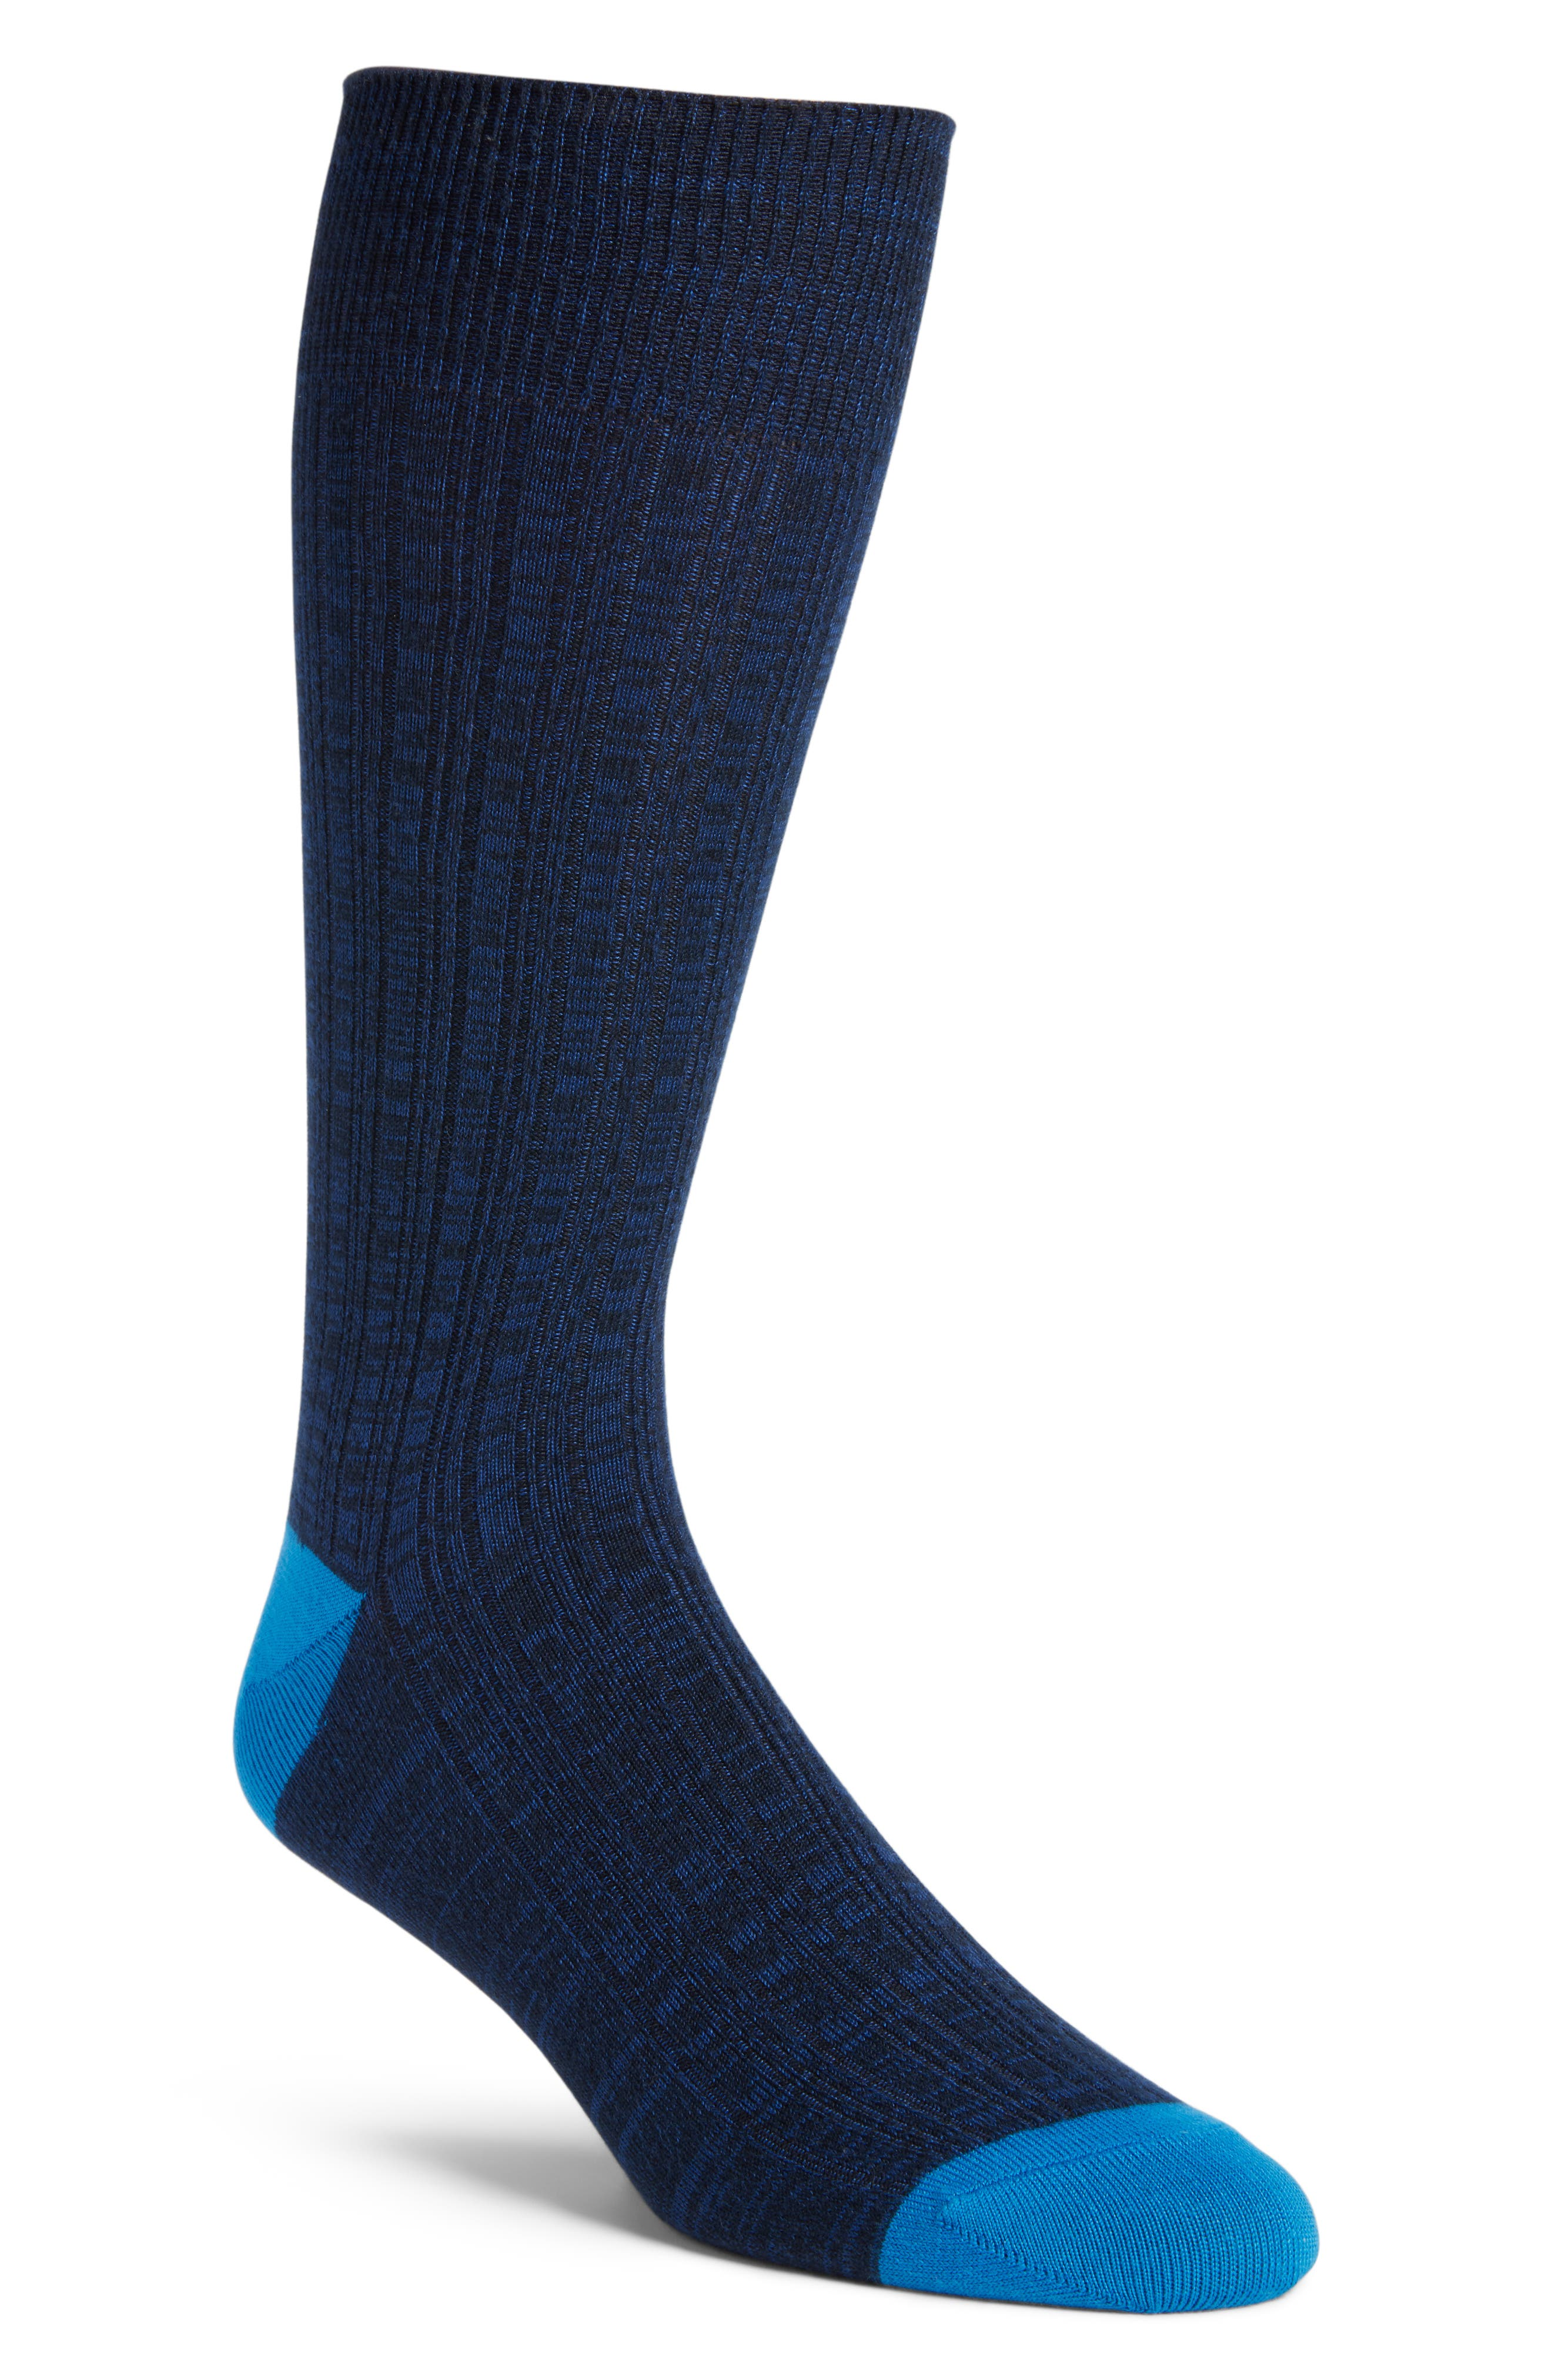 Variegated Ribbed Ultrasoft Socks,                             Main thumbnail 1, color,                             NAVY MARL